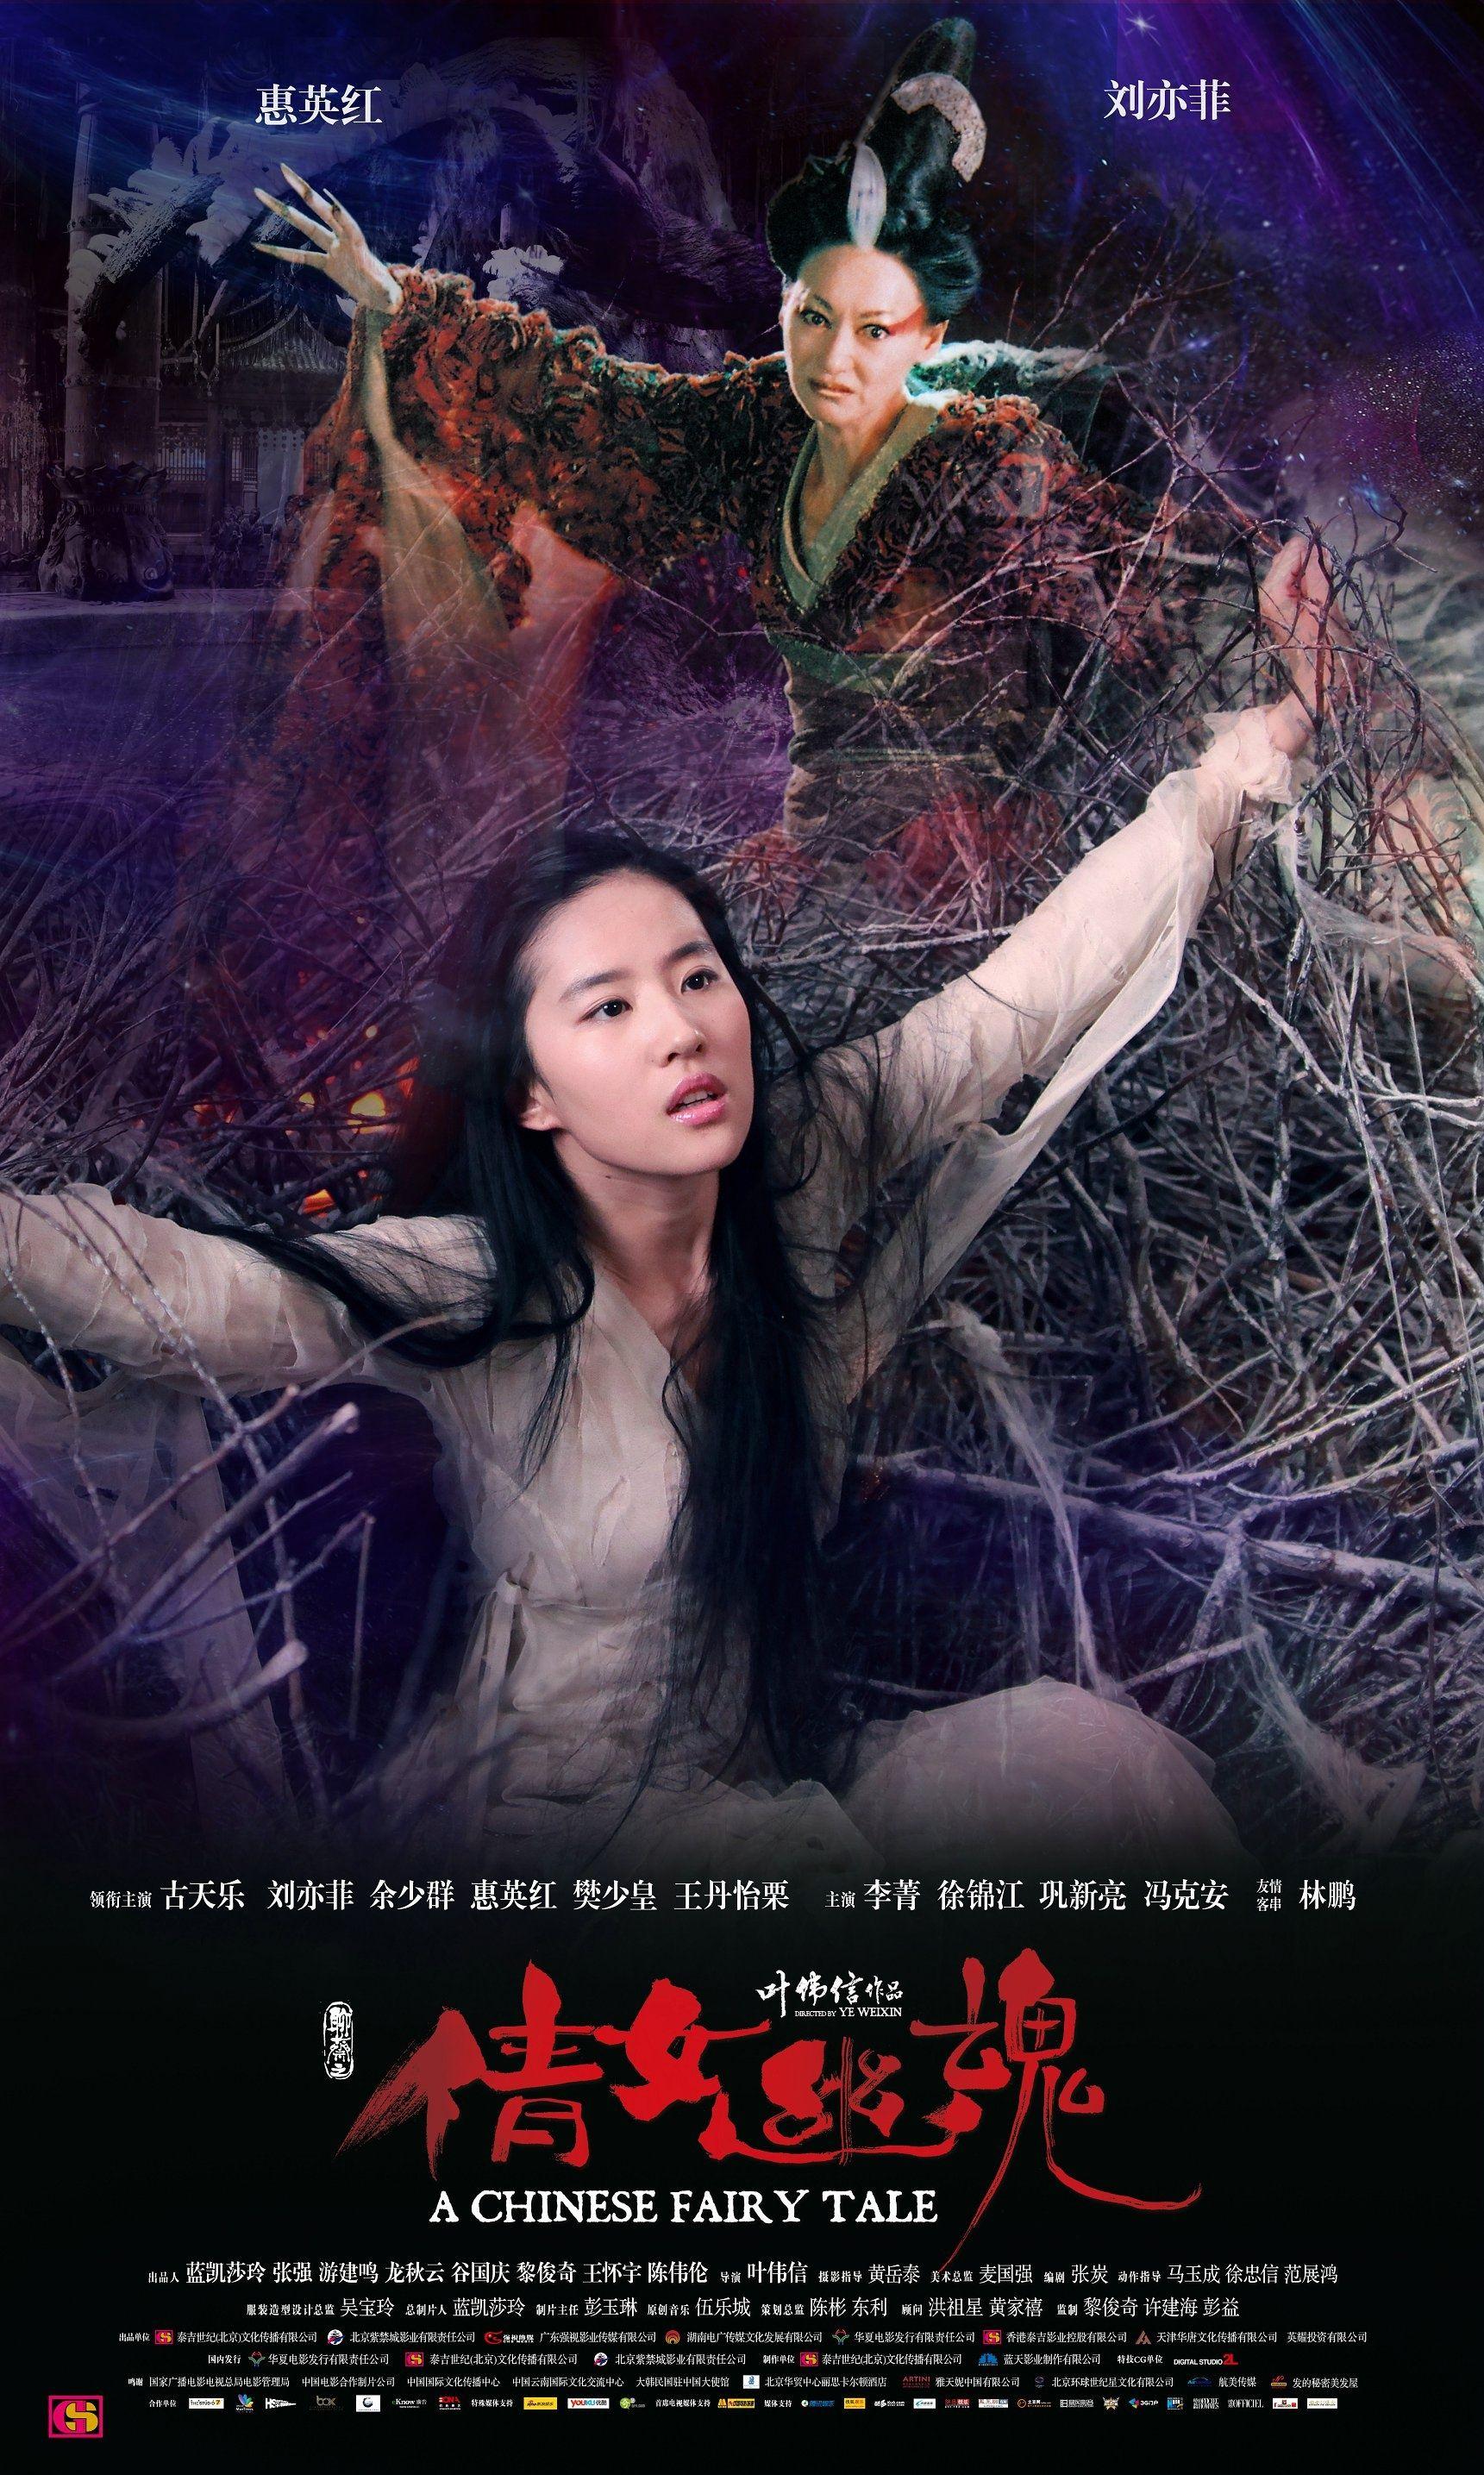 劉亦菲 Crystal Liu Yi Fei 古天樂 Louis Koo Tin Lok 2011 倩女幽魂 A